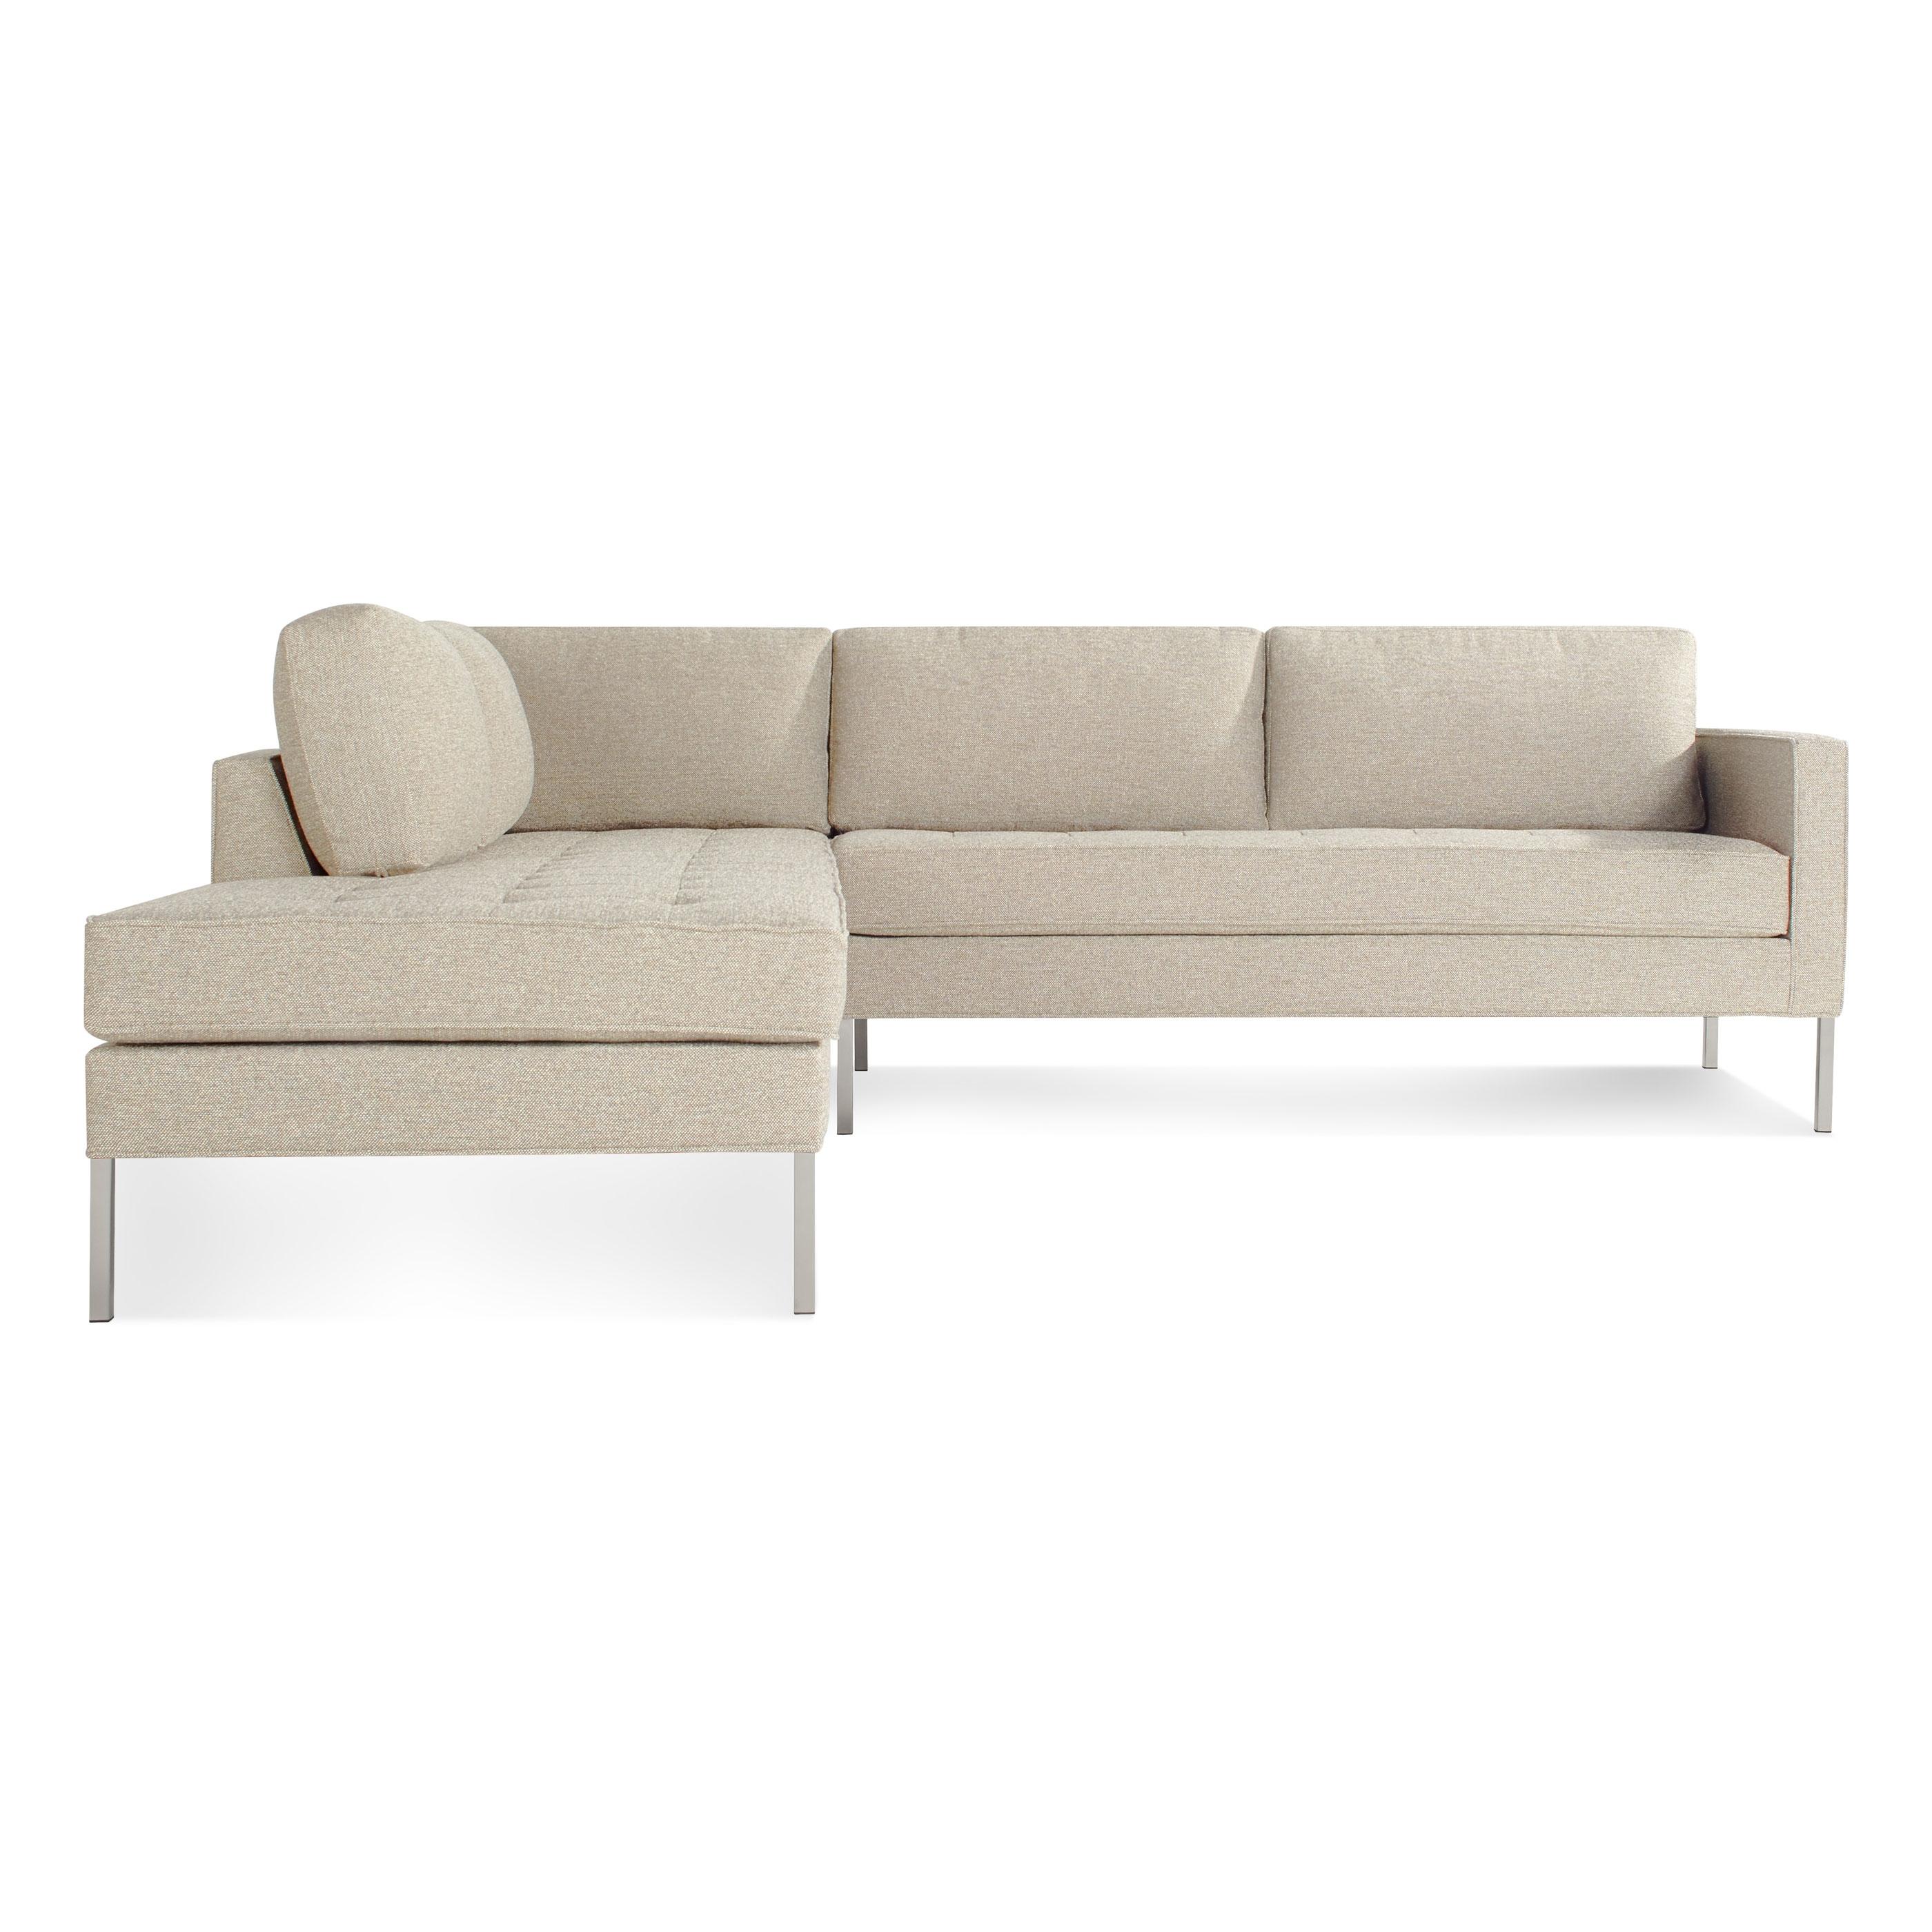 Paramount Left Sectional Sofa – Modern Designer Sofas | Blu Dot For Nova Scotia Sectional Sofas (View 8 of 10)